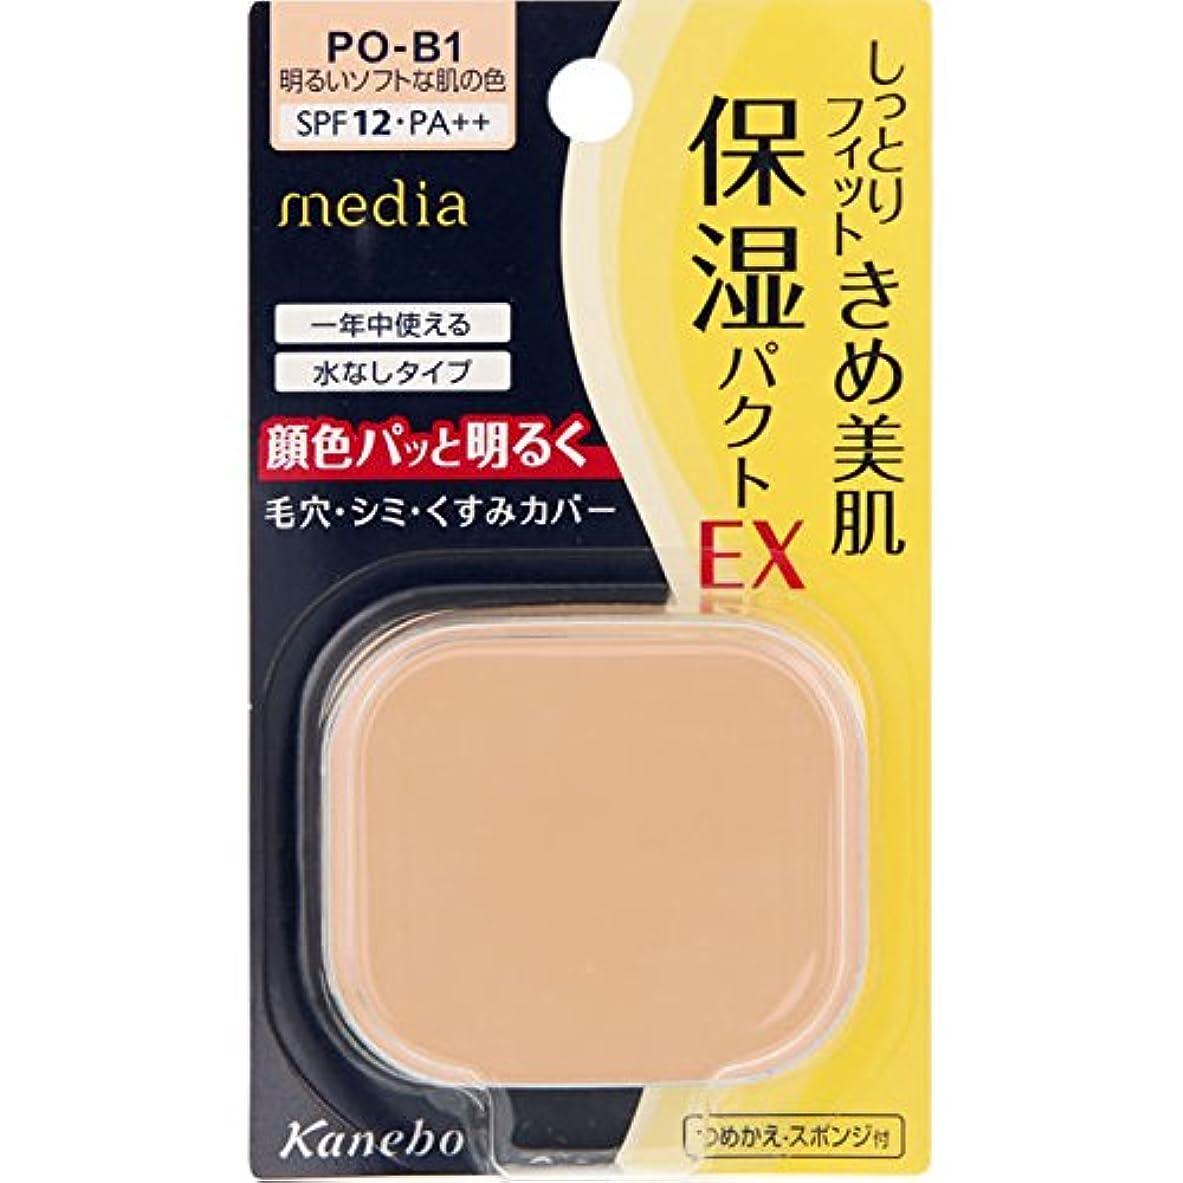 範囲事オペレーターカネボウ メディア モイストフィットパクトEX<つめかえ> PO-B1(11g)